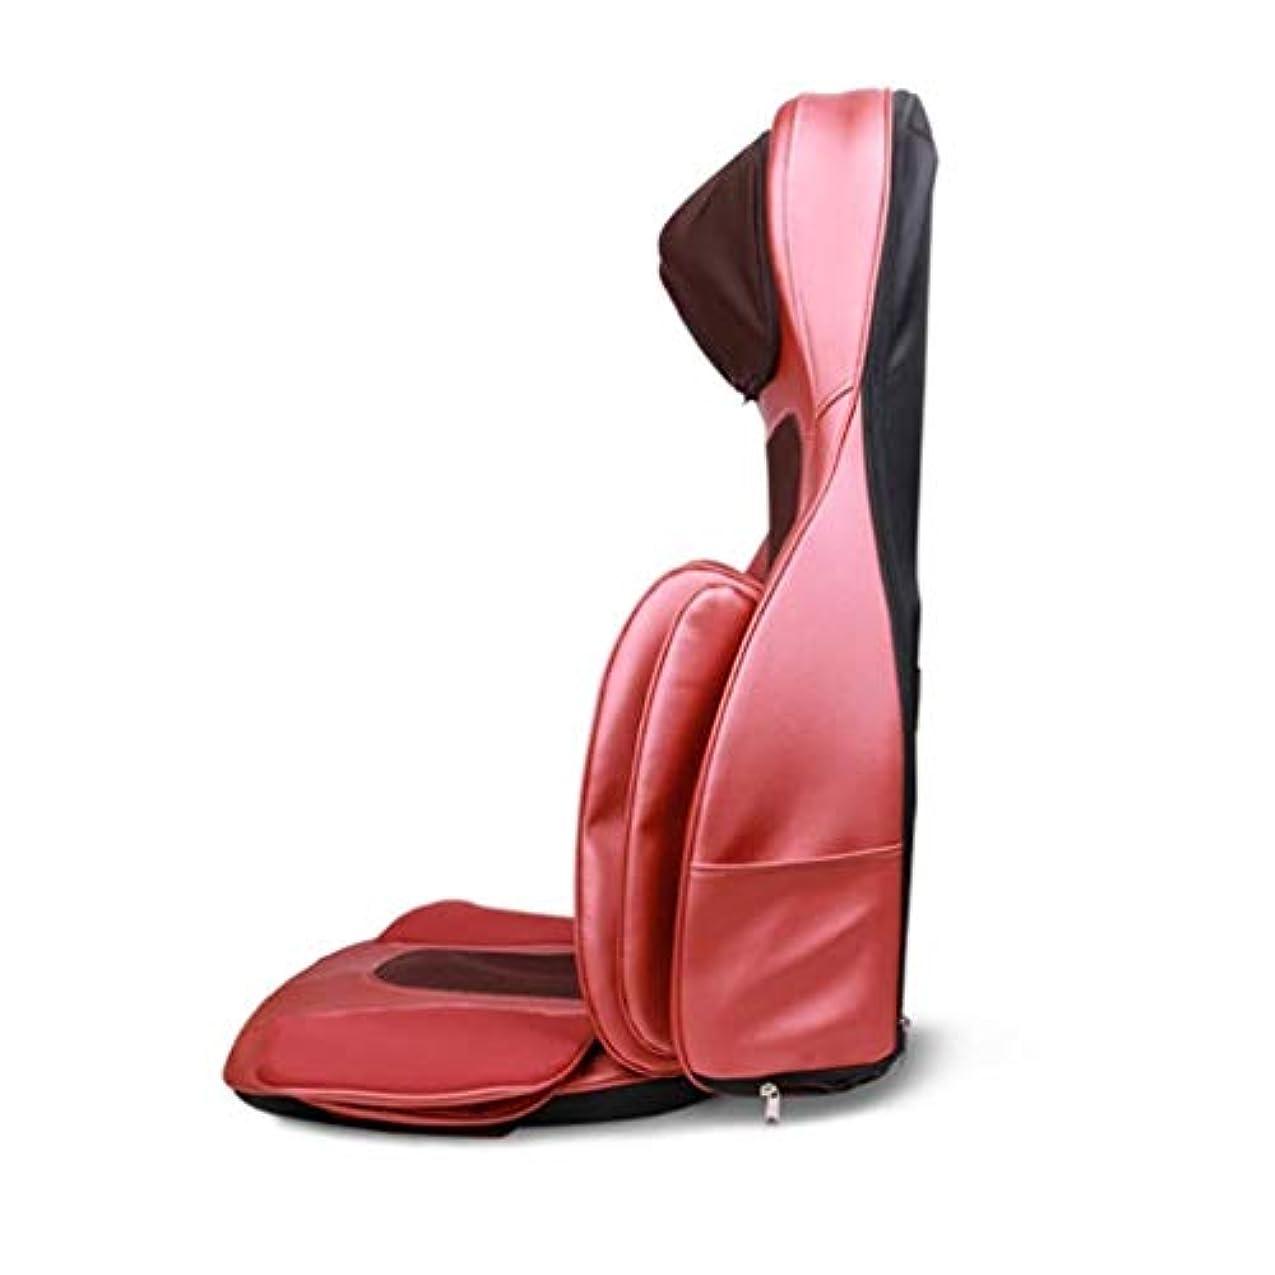 野心滑りやすい水分指圧/ローリング/振動マッサージ、スージング疲労、車/オフィスや家庭のための調節可能な枕の高さを備えた電気マッサージクッション、カーマッサージシート、バック/首のマッサージ、